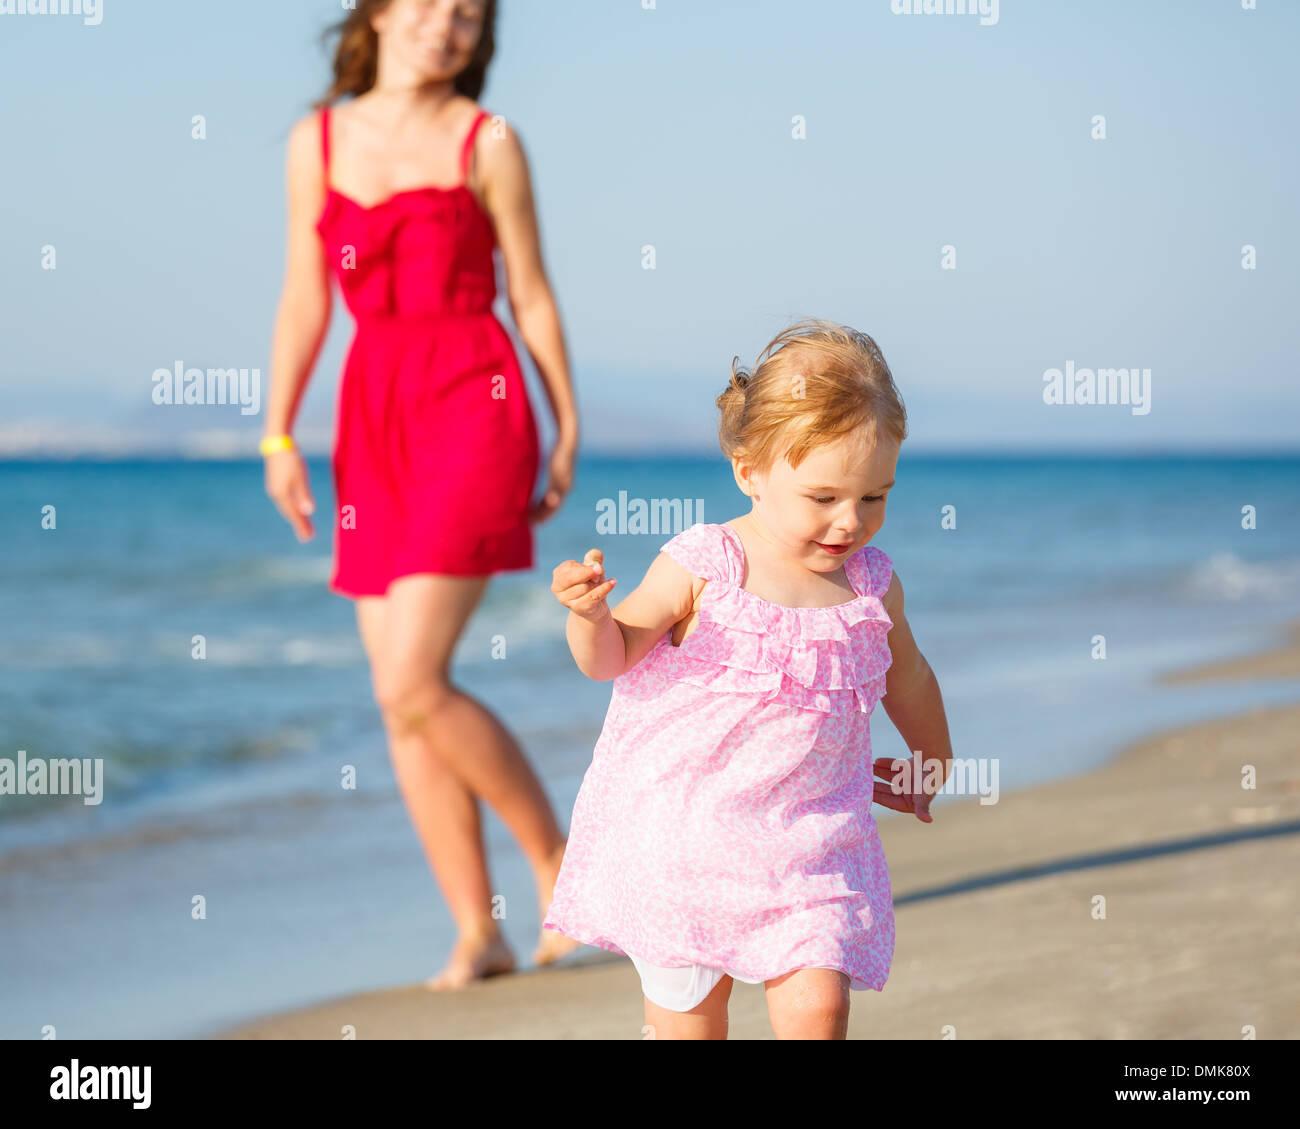 Niña que corre en la playa Imagen De Stock